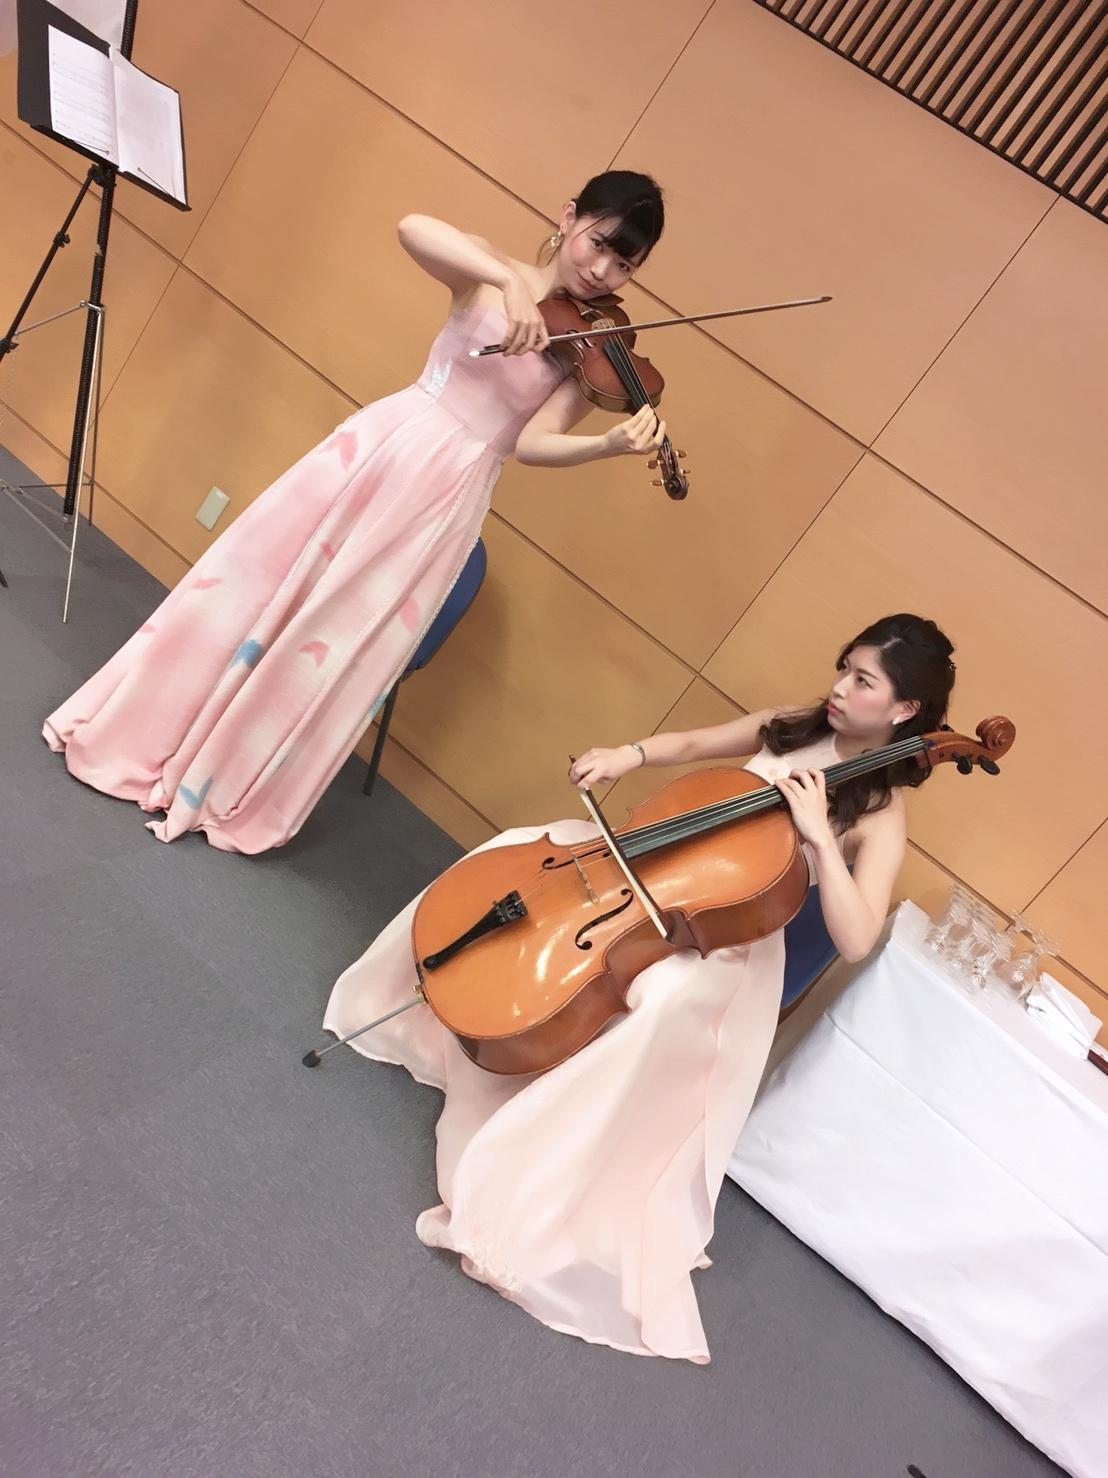 互助会の皆様よりご依頼いただきましてヴァイオリンとチェロで演奏させていただきました